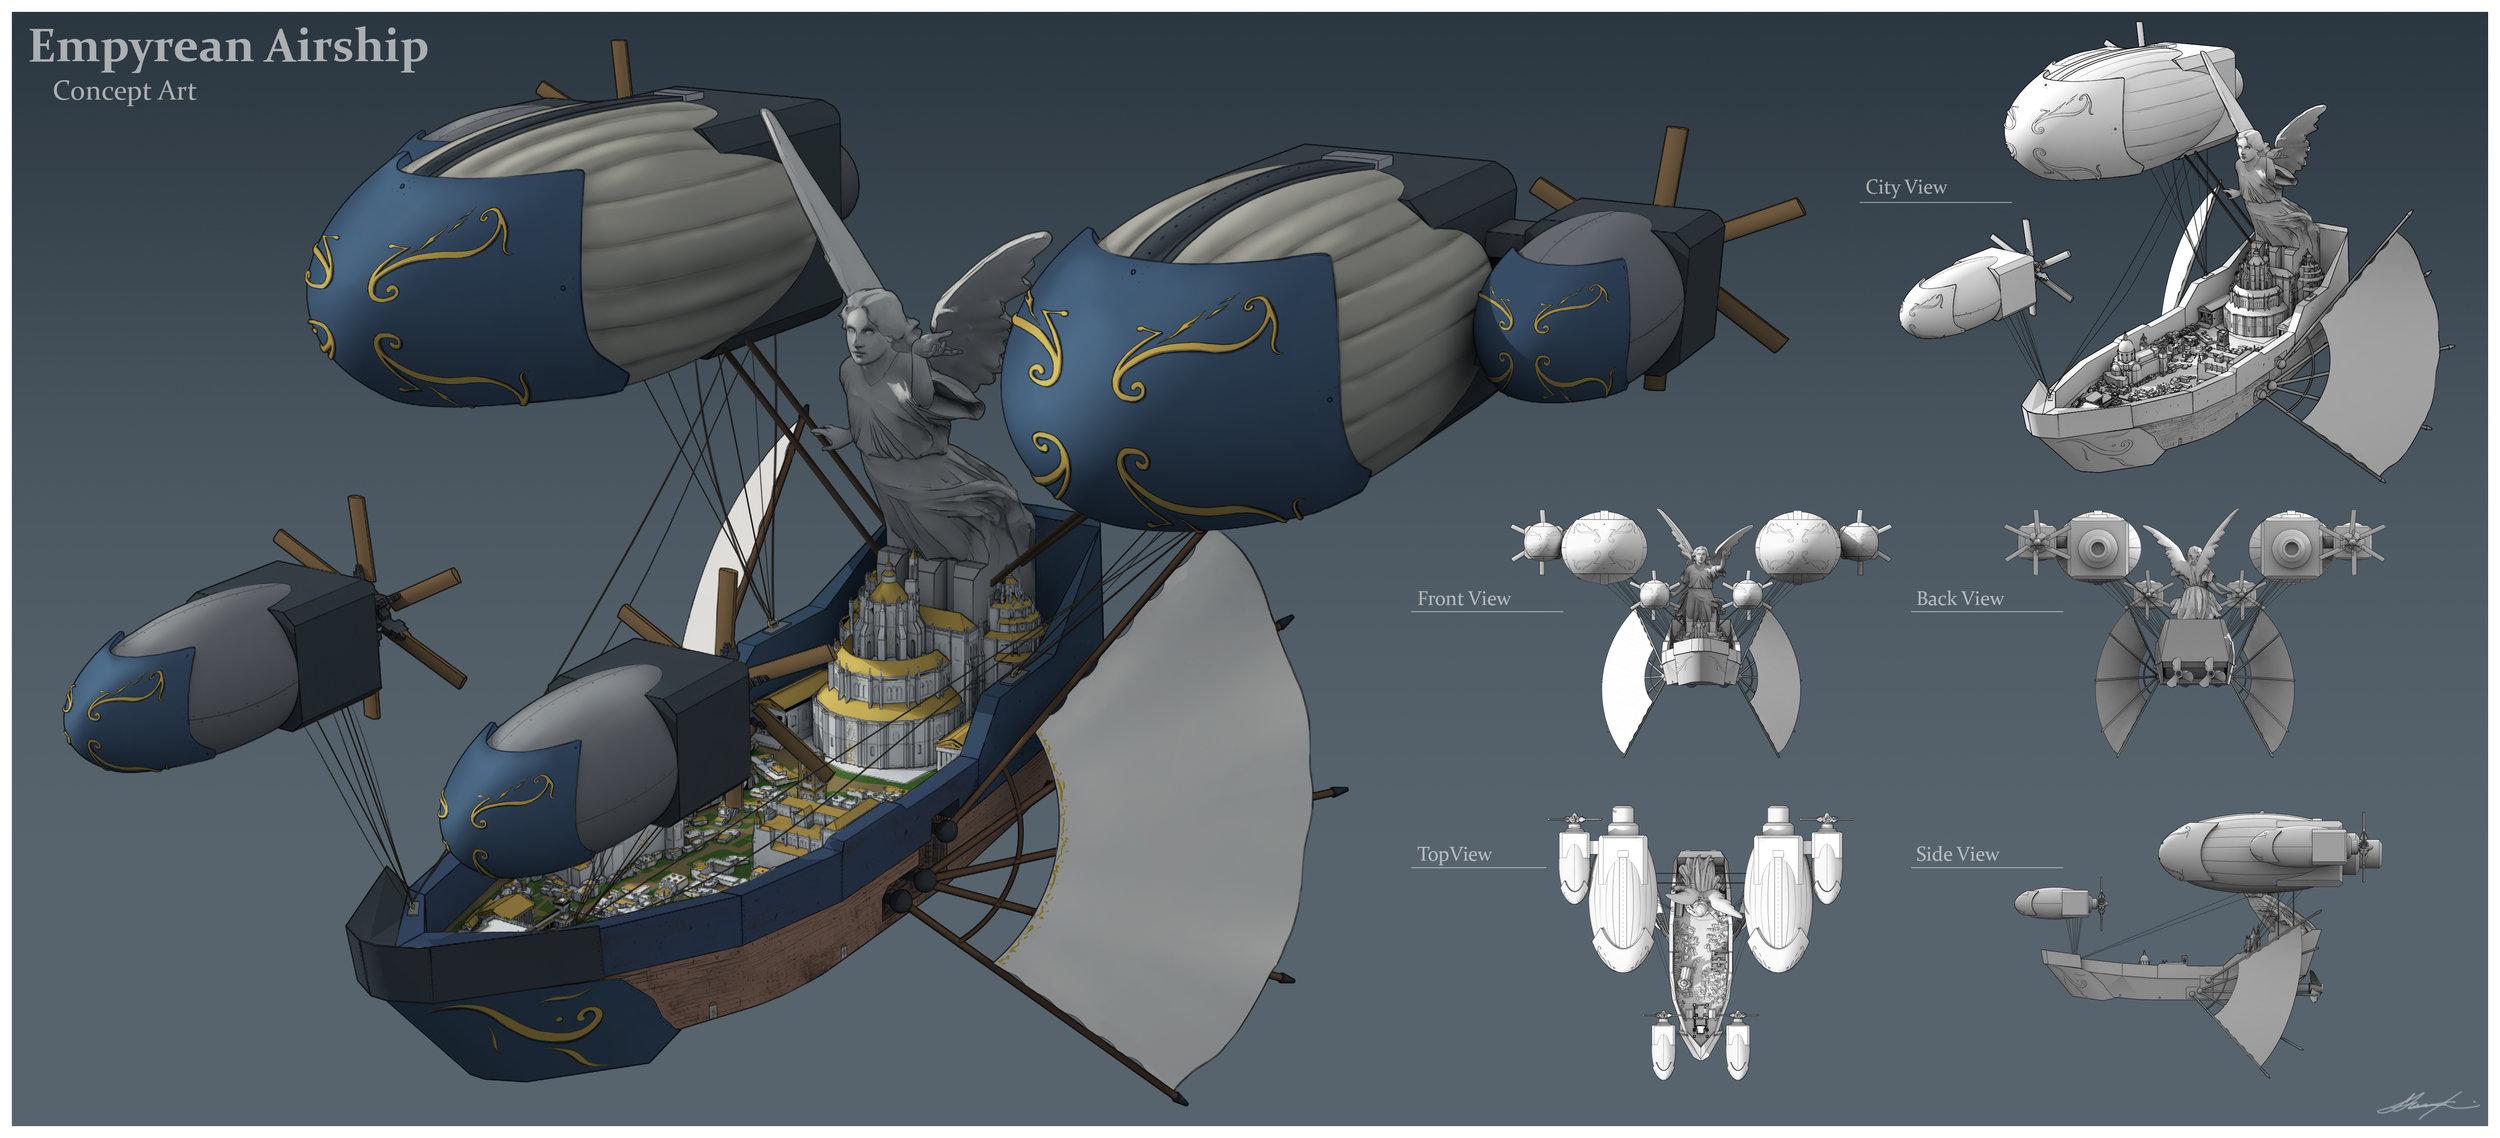 Empyrean_Airship_Design__01_02.jpg